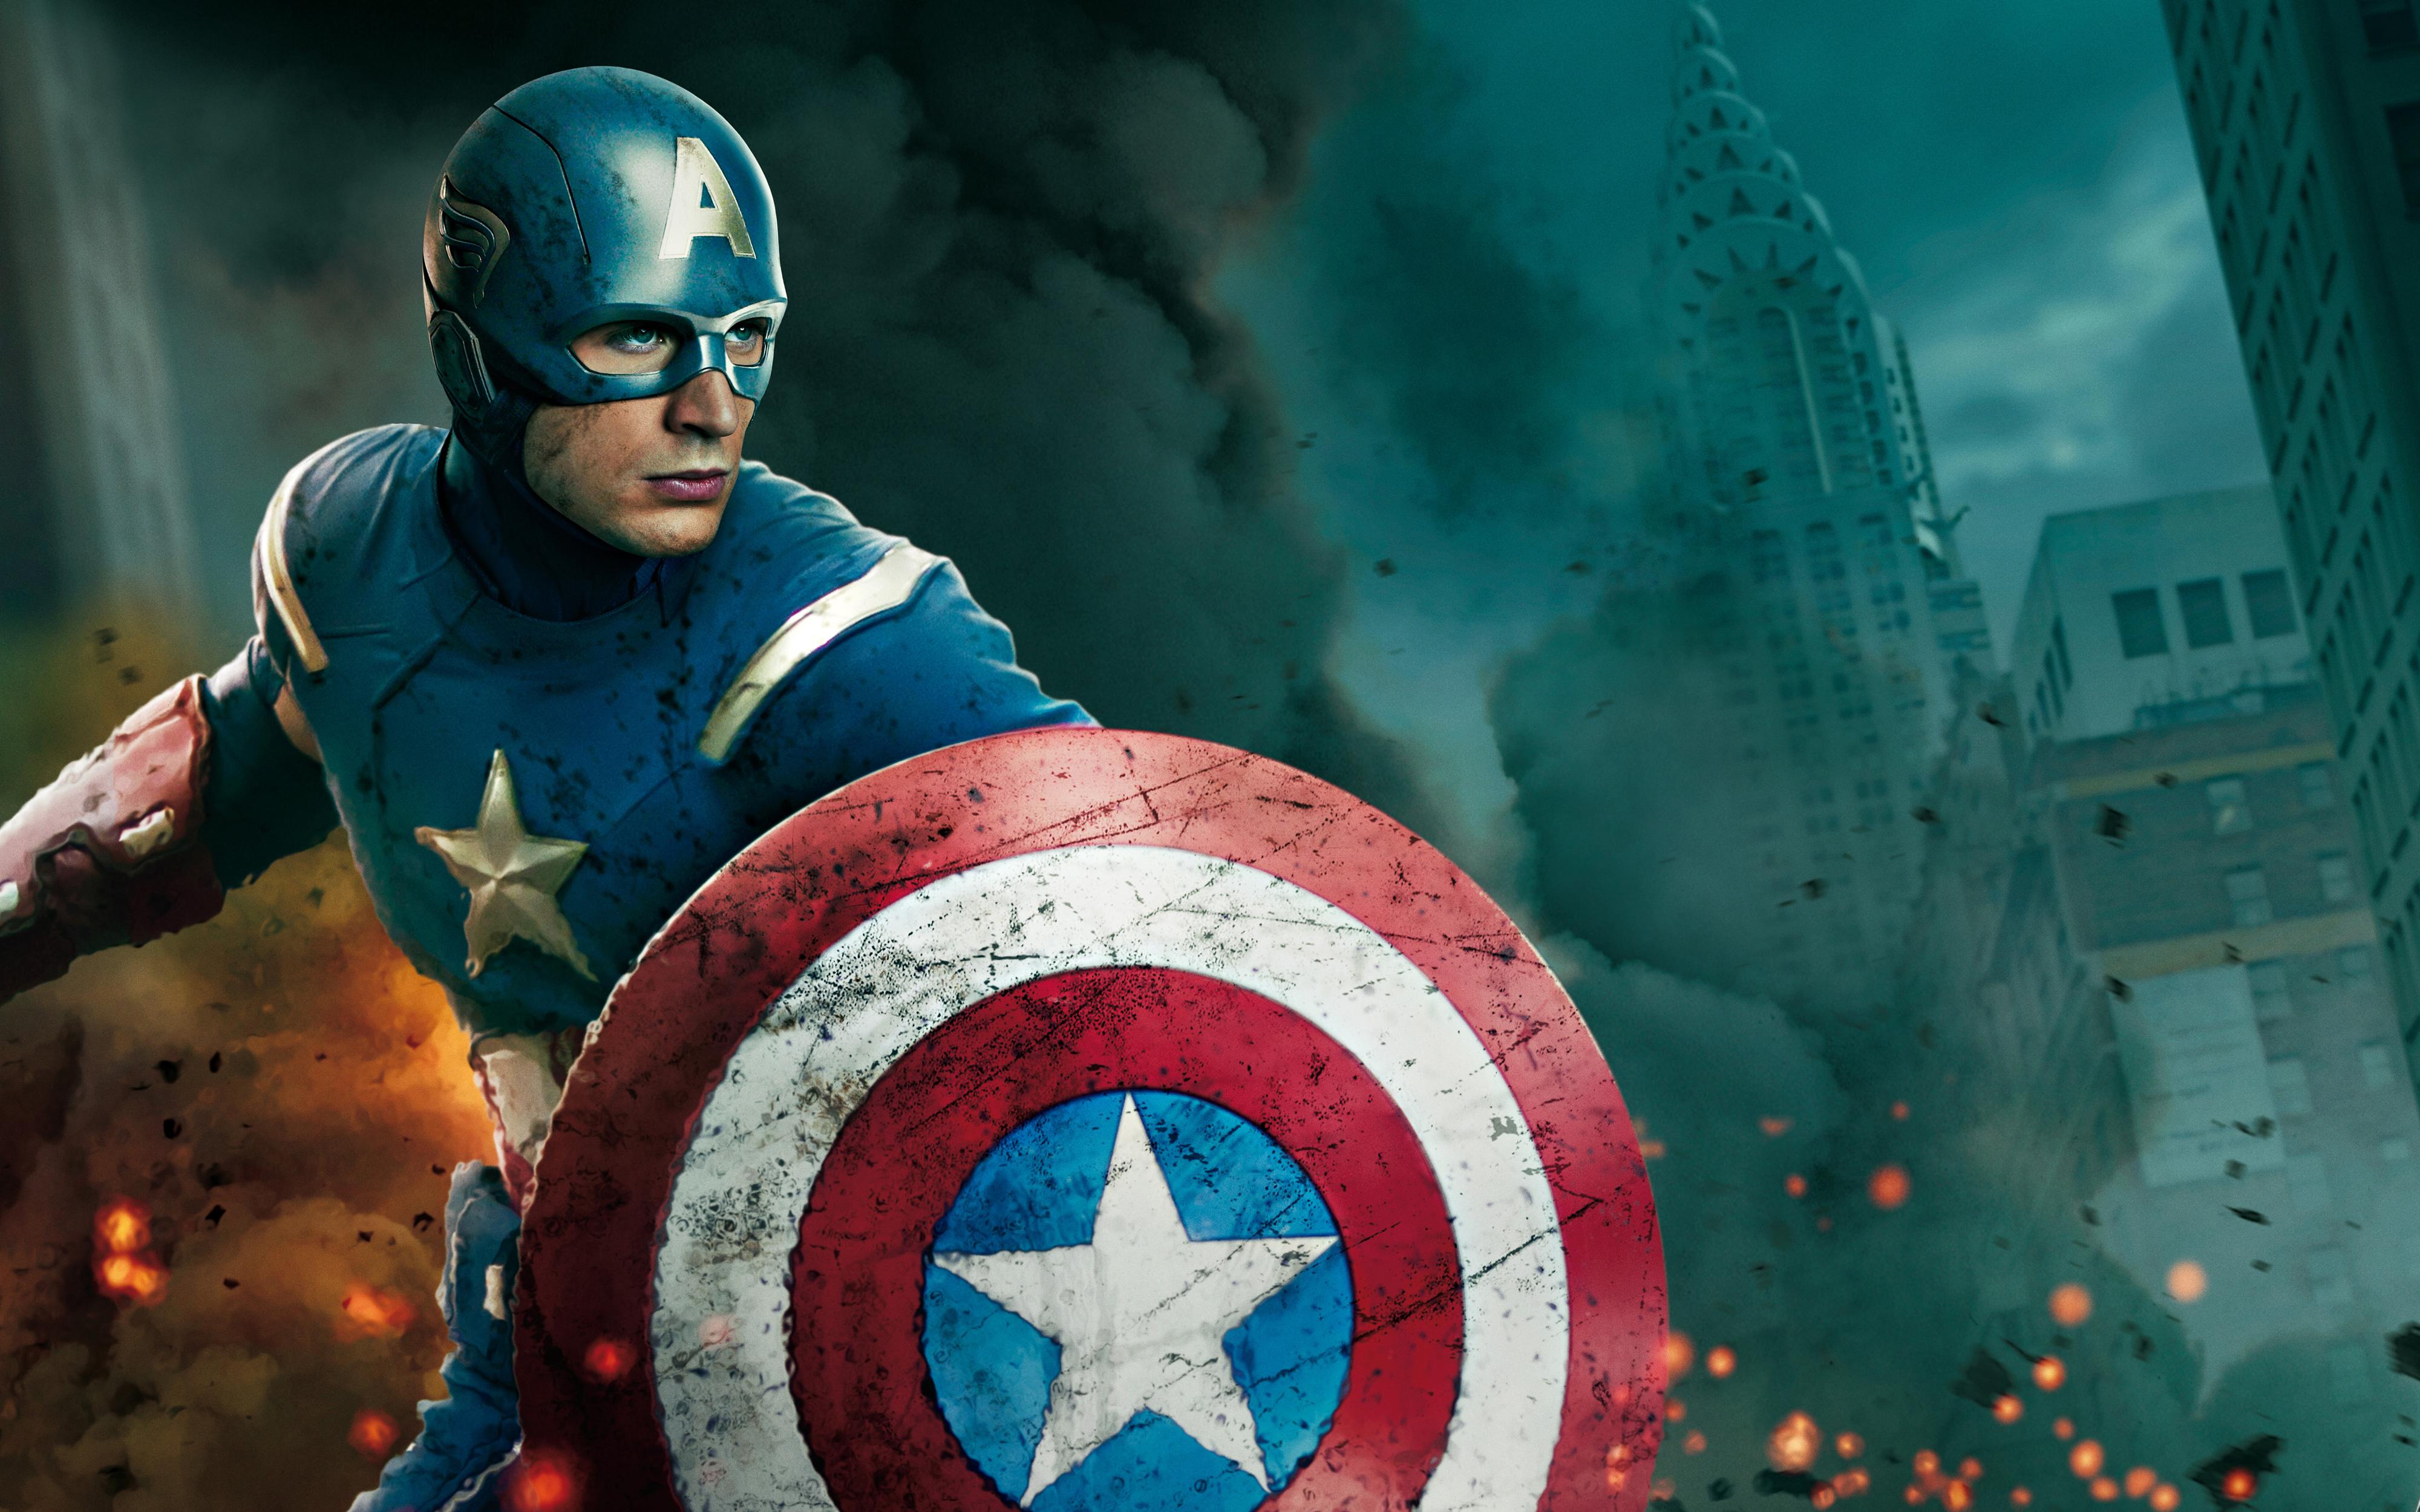 Action Movie Captain America Wallpaper Wallpaper WallpaperLepi 4000x2500